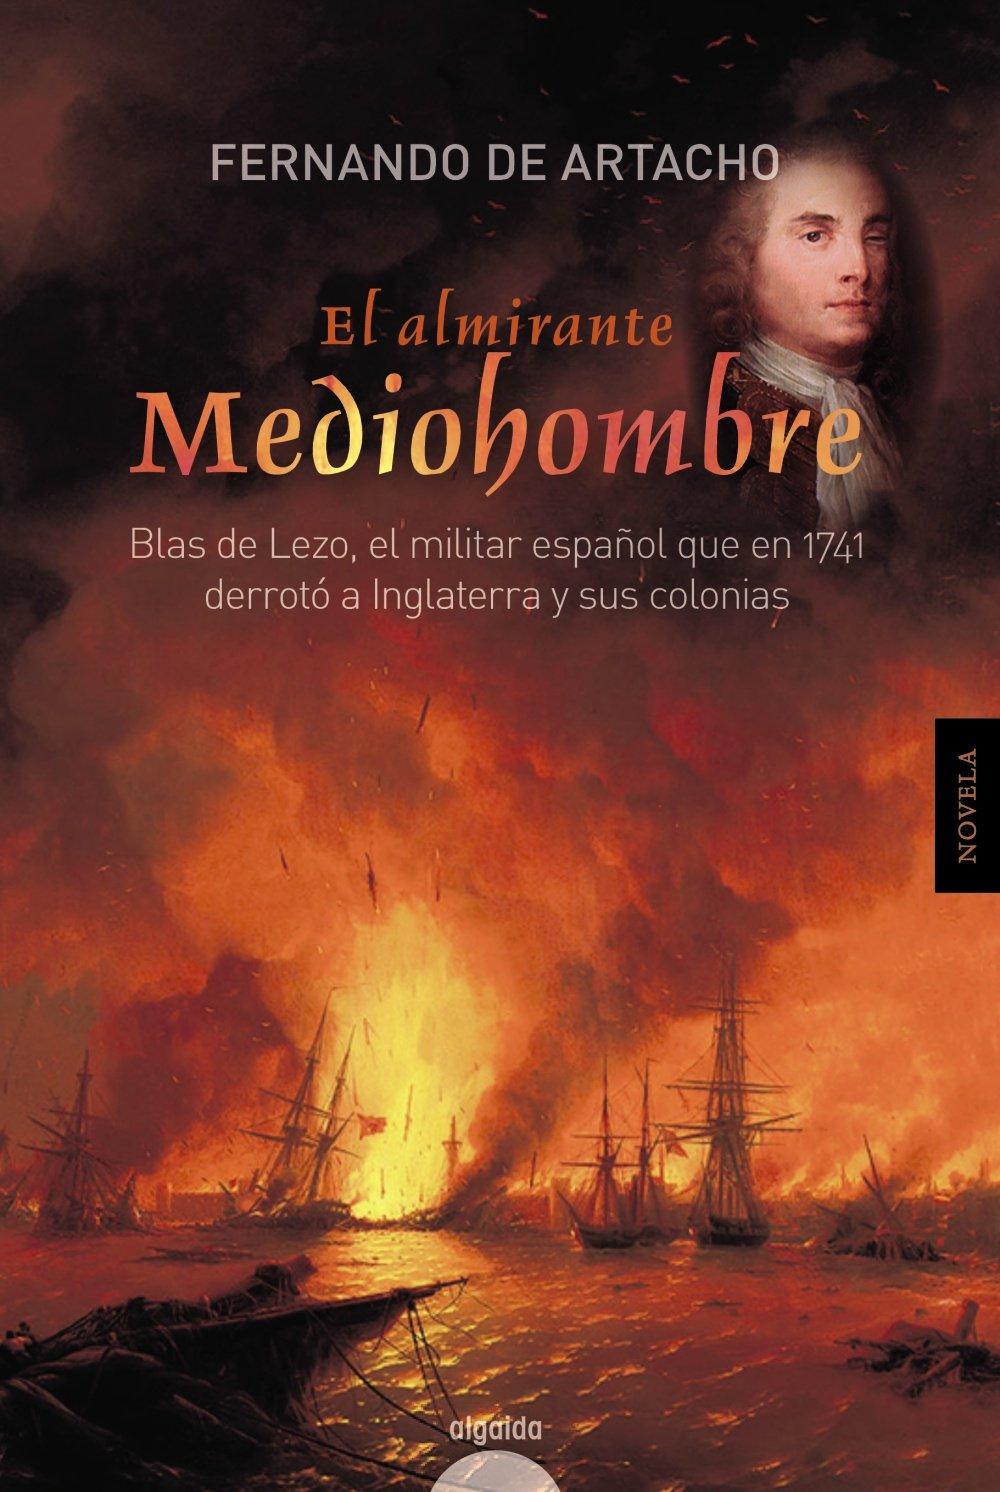 El almirante Mediohombre: Amazon.es: de Artacho, Fernando: Libros